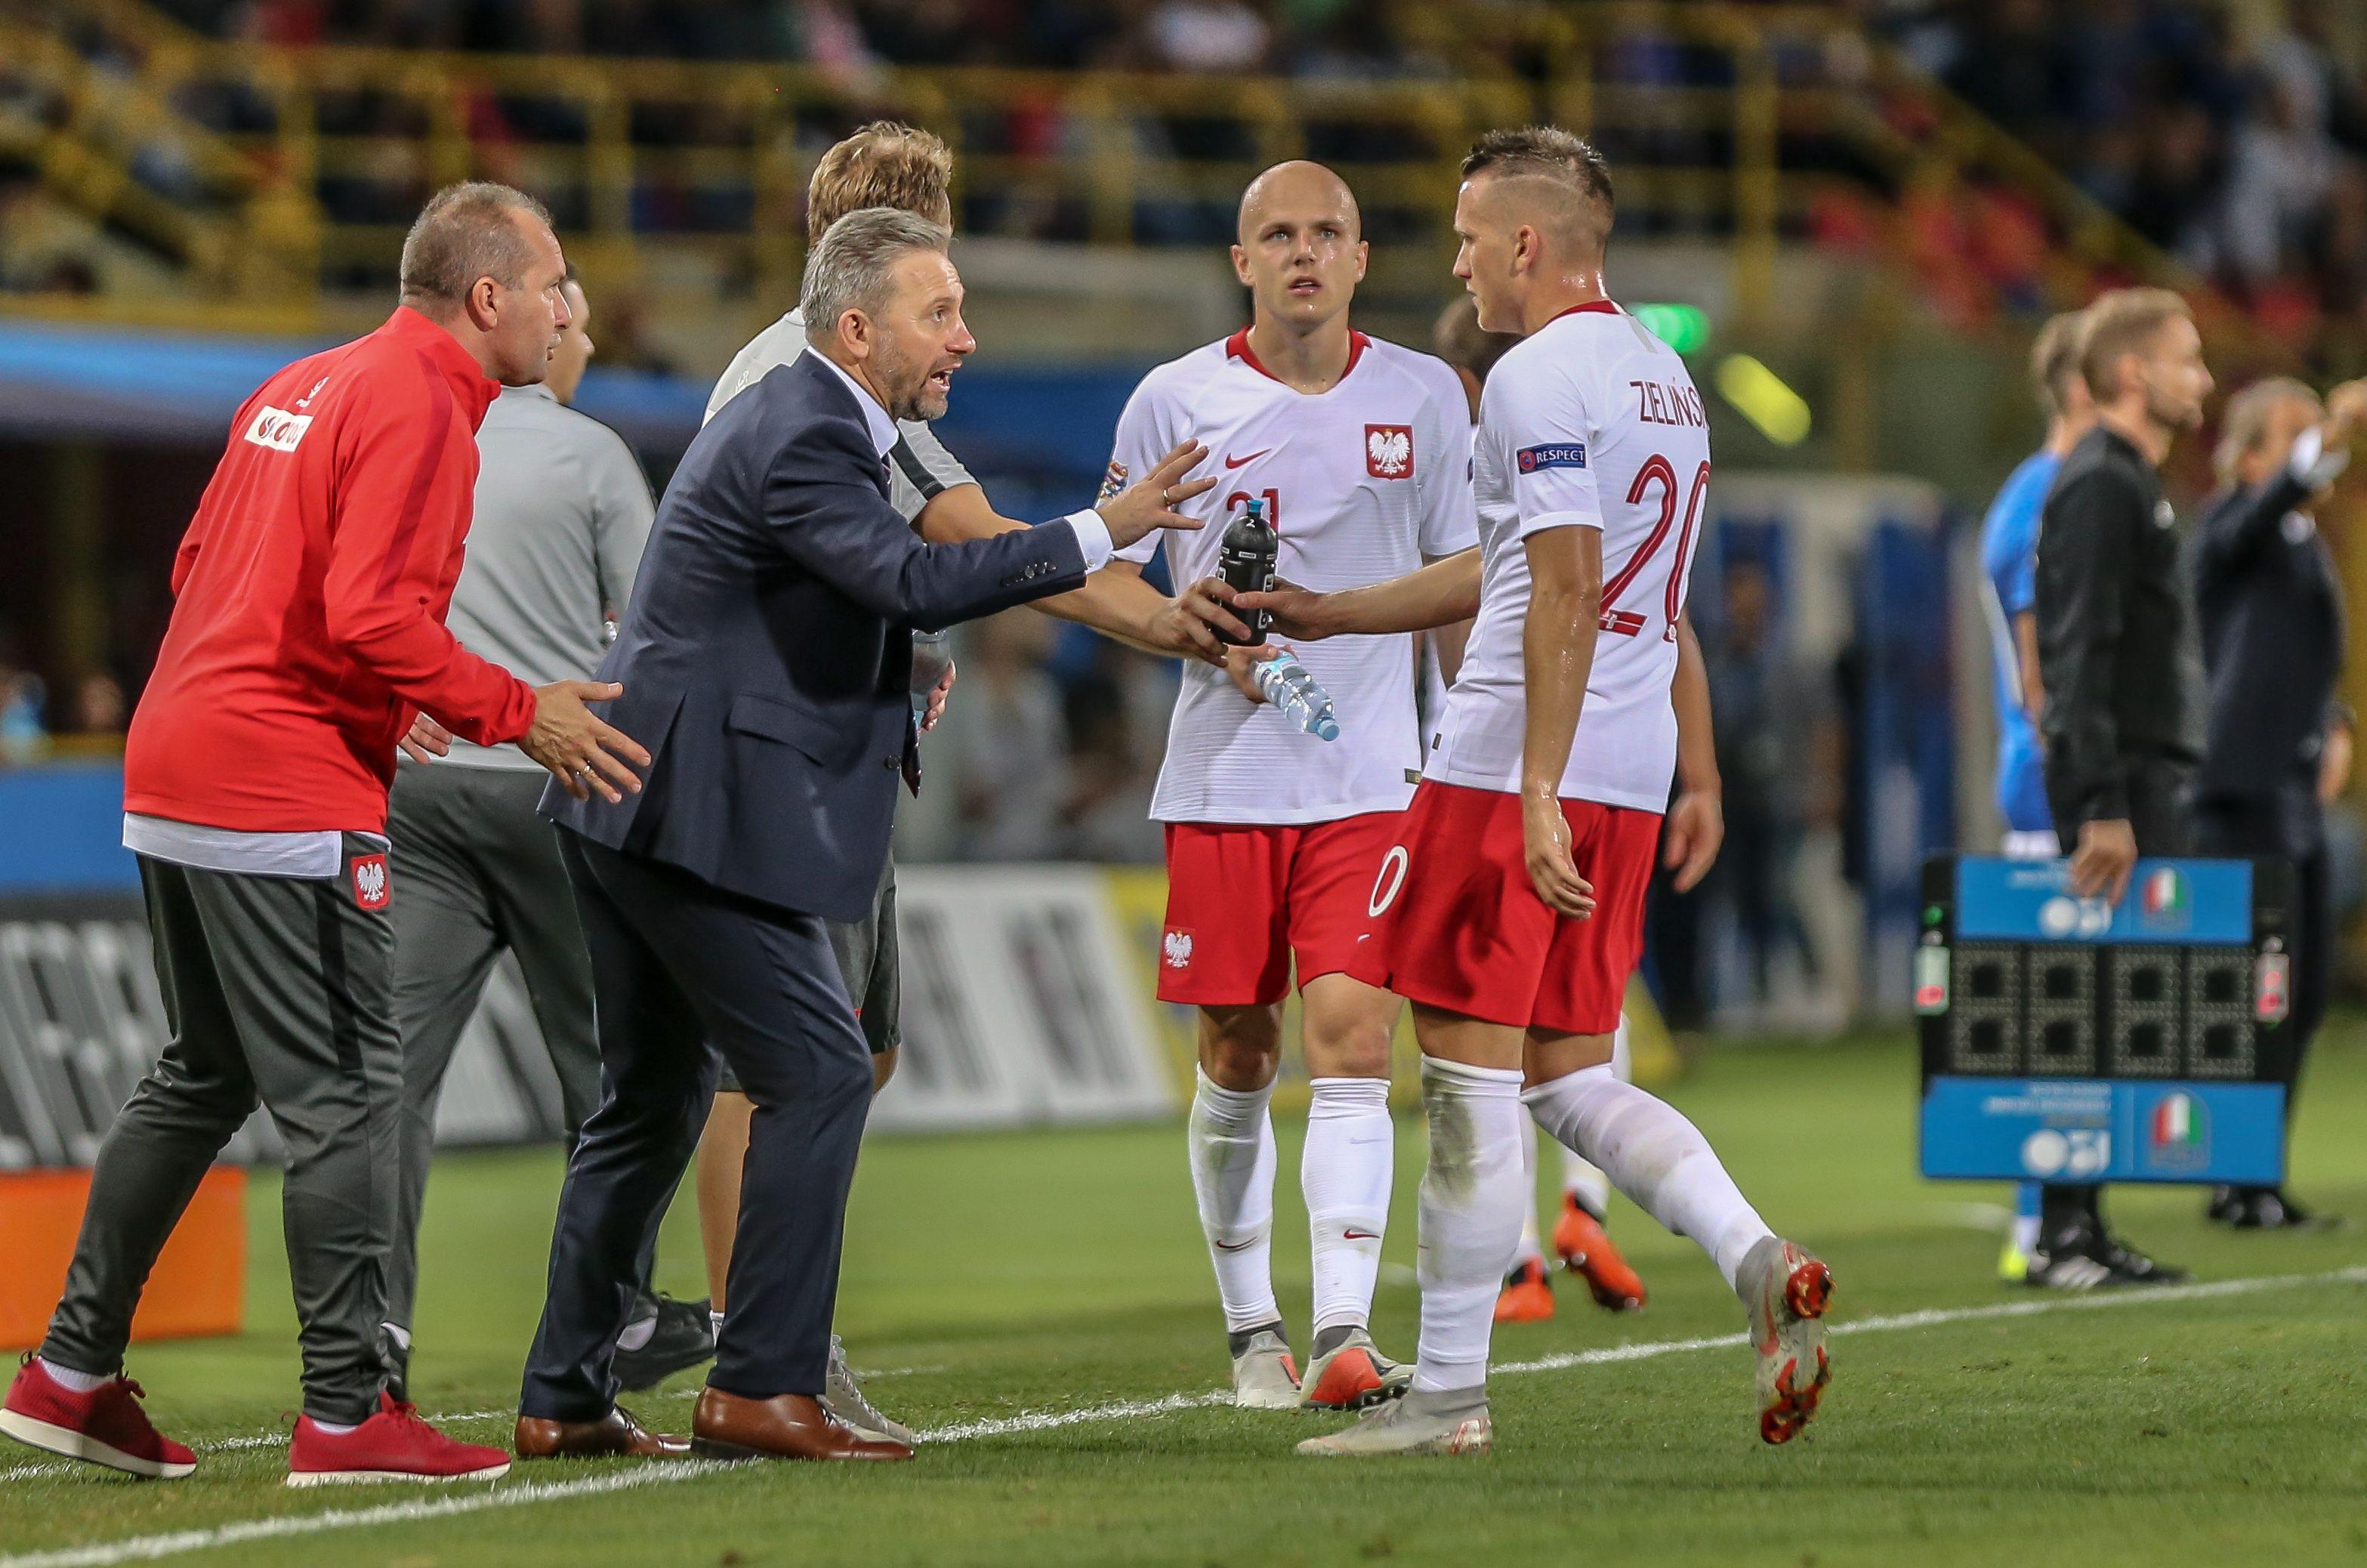 Piłka nożna. Reprezentacja Polski: Brzęczek ogłosił kadrę na mecze z Austrią i Łotwą